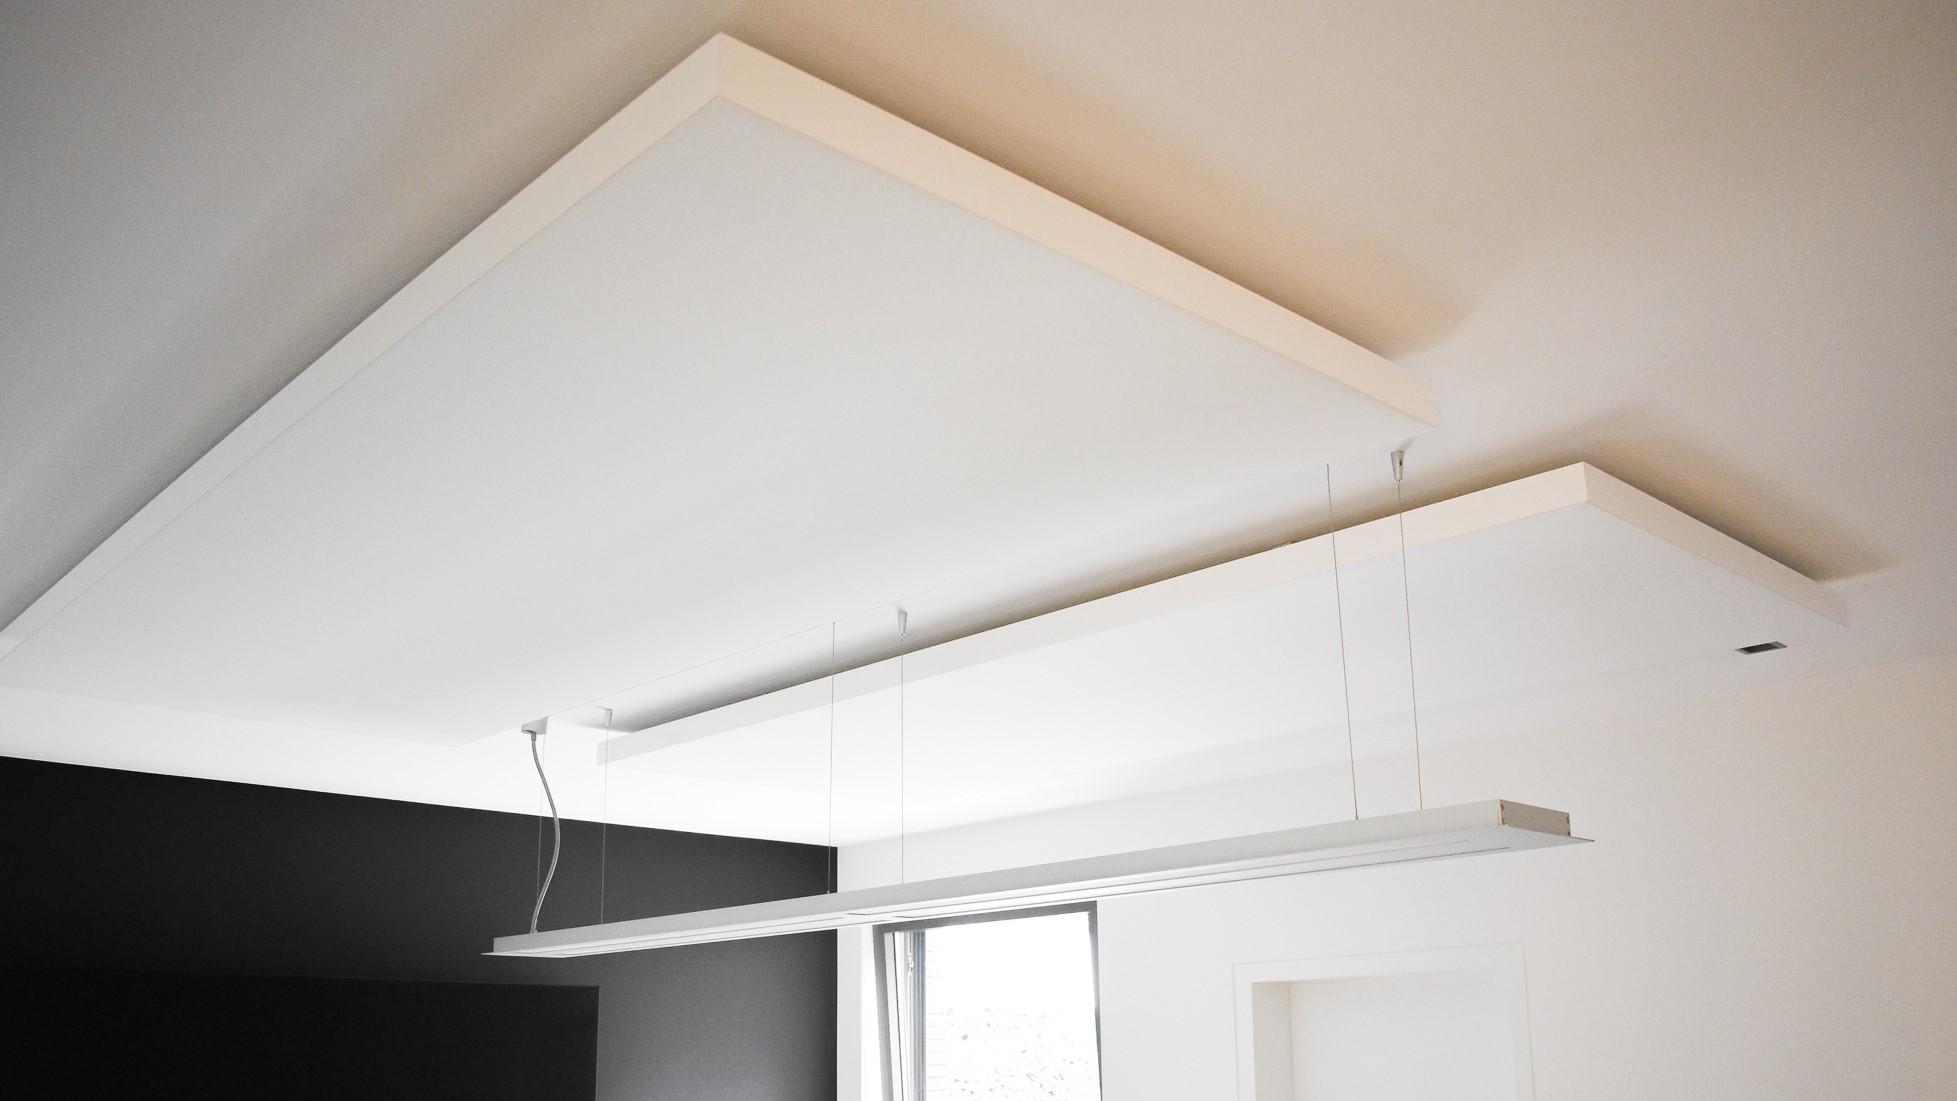 Akoestisch plafondpaneel - Embo Referentie Loff